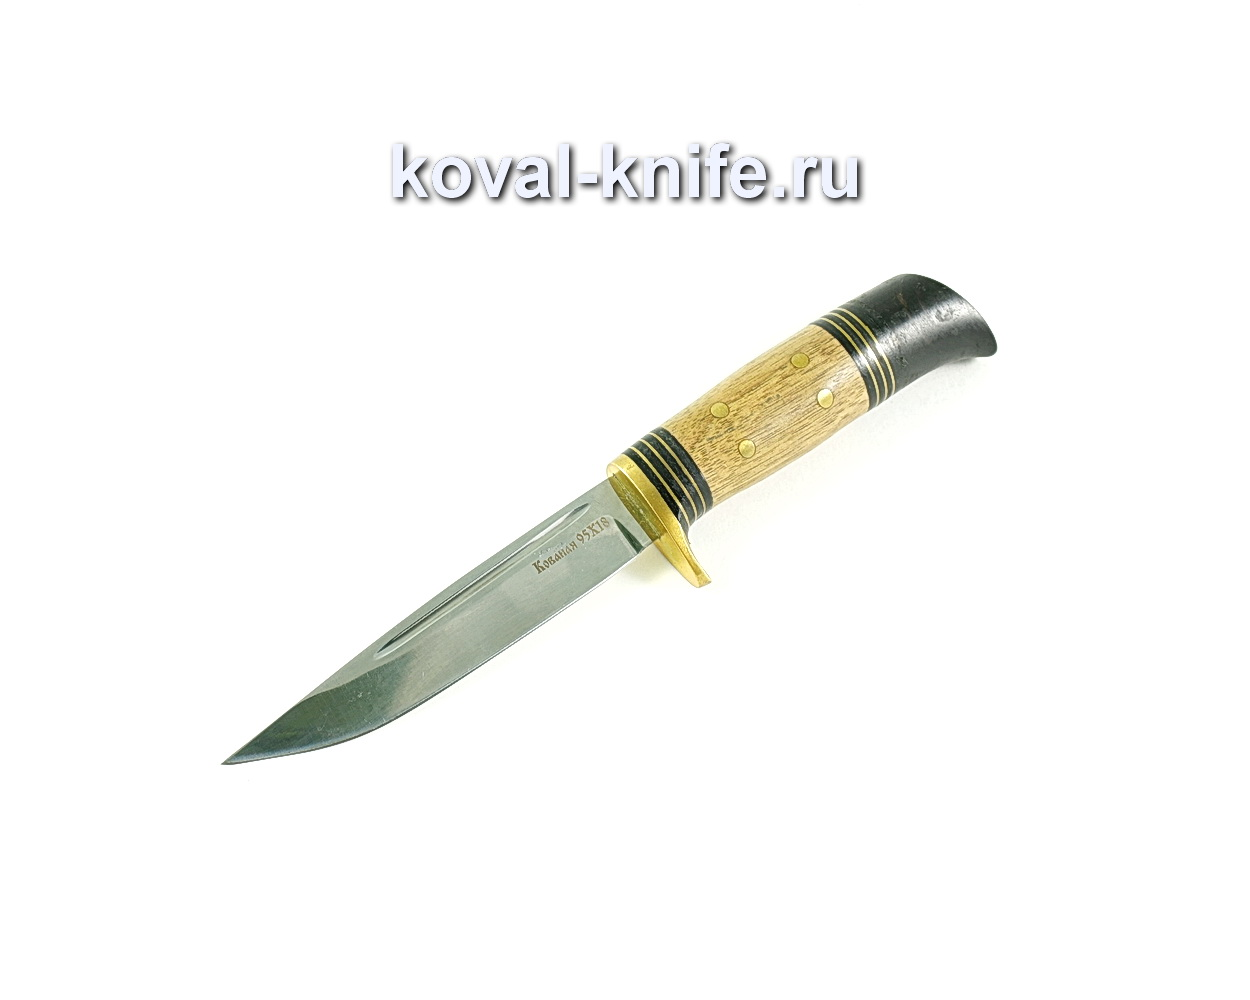 Нож Финка (сталь 95х18), рукоять граб, орех, литье A288